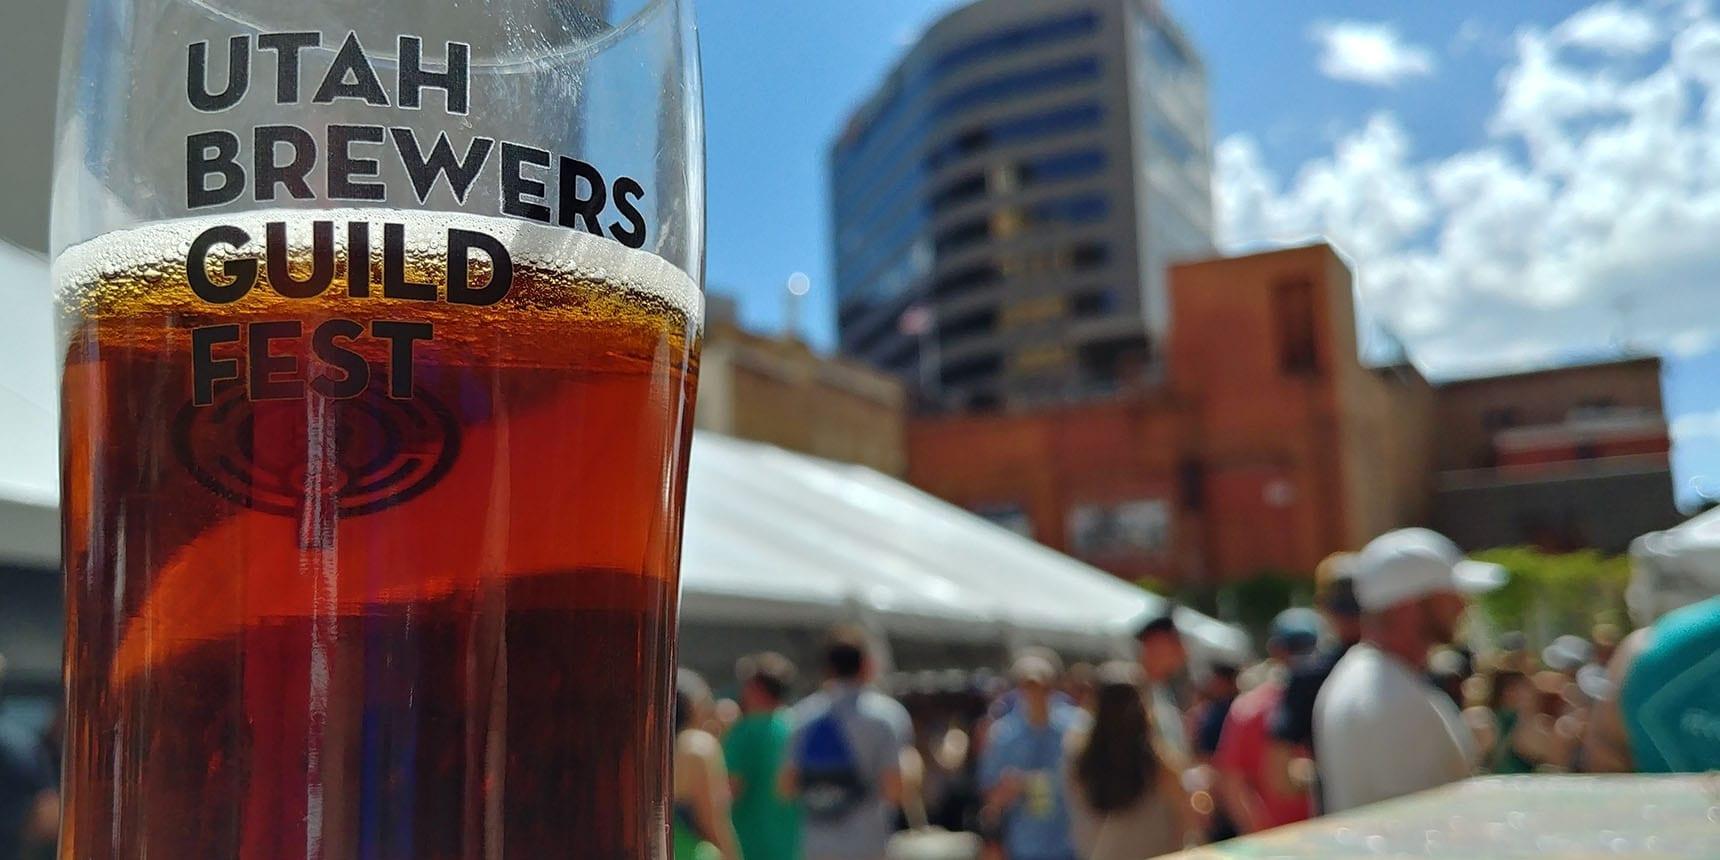 Utah Brewers Guild Fest 2019 - Mike Millen - Utah Beer News